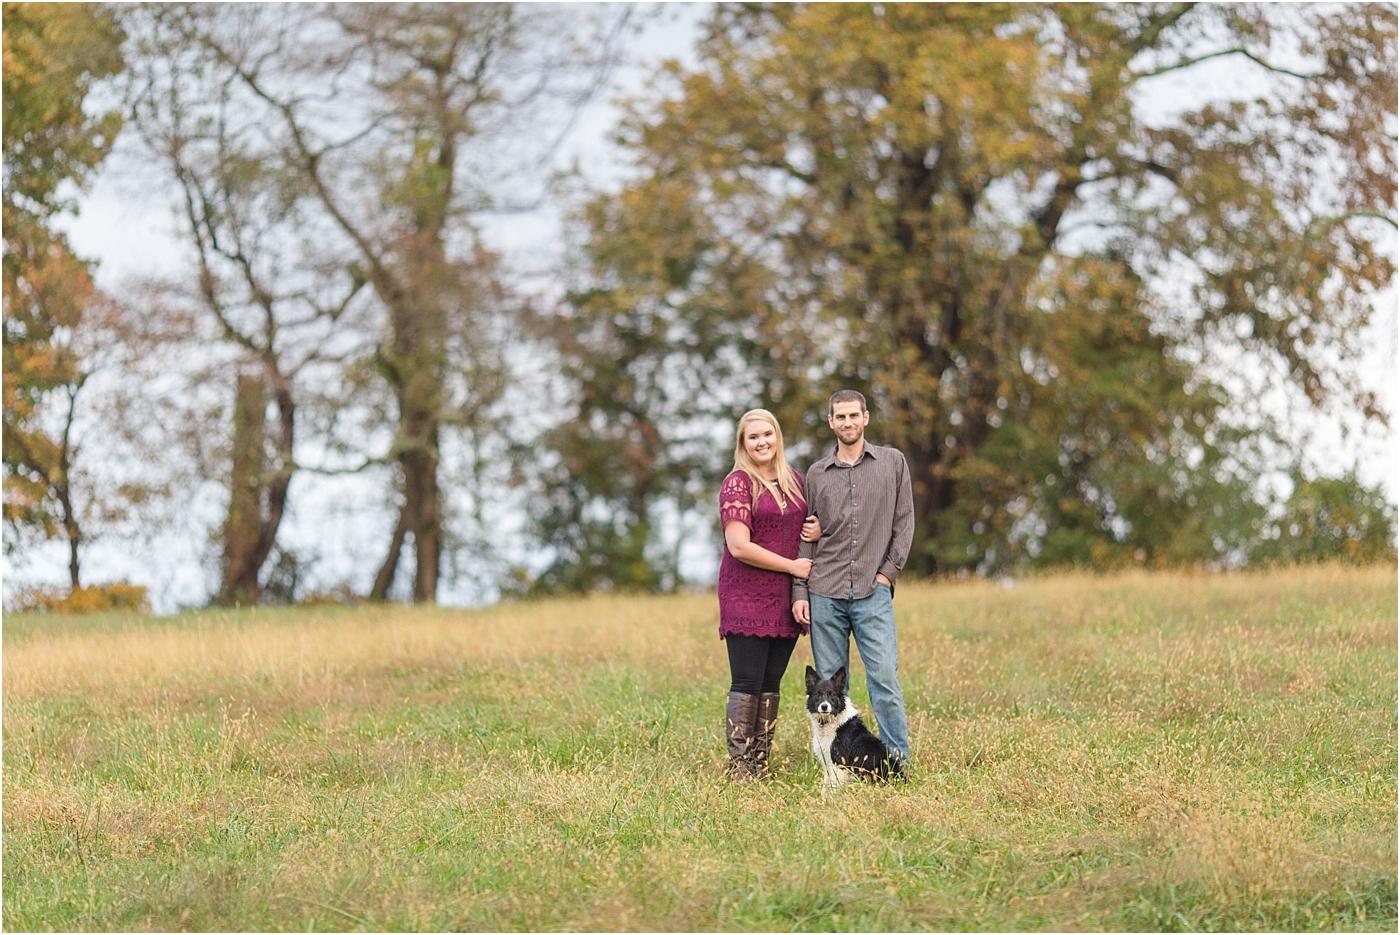 Maryland-Engagement-Photographer-30.jpg